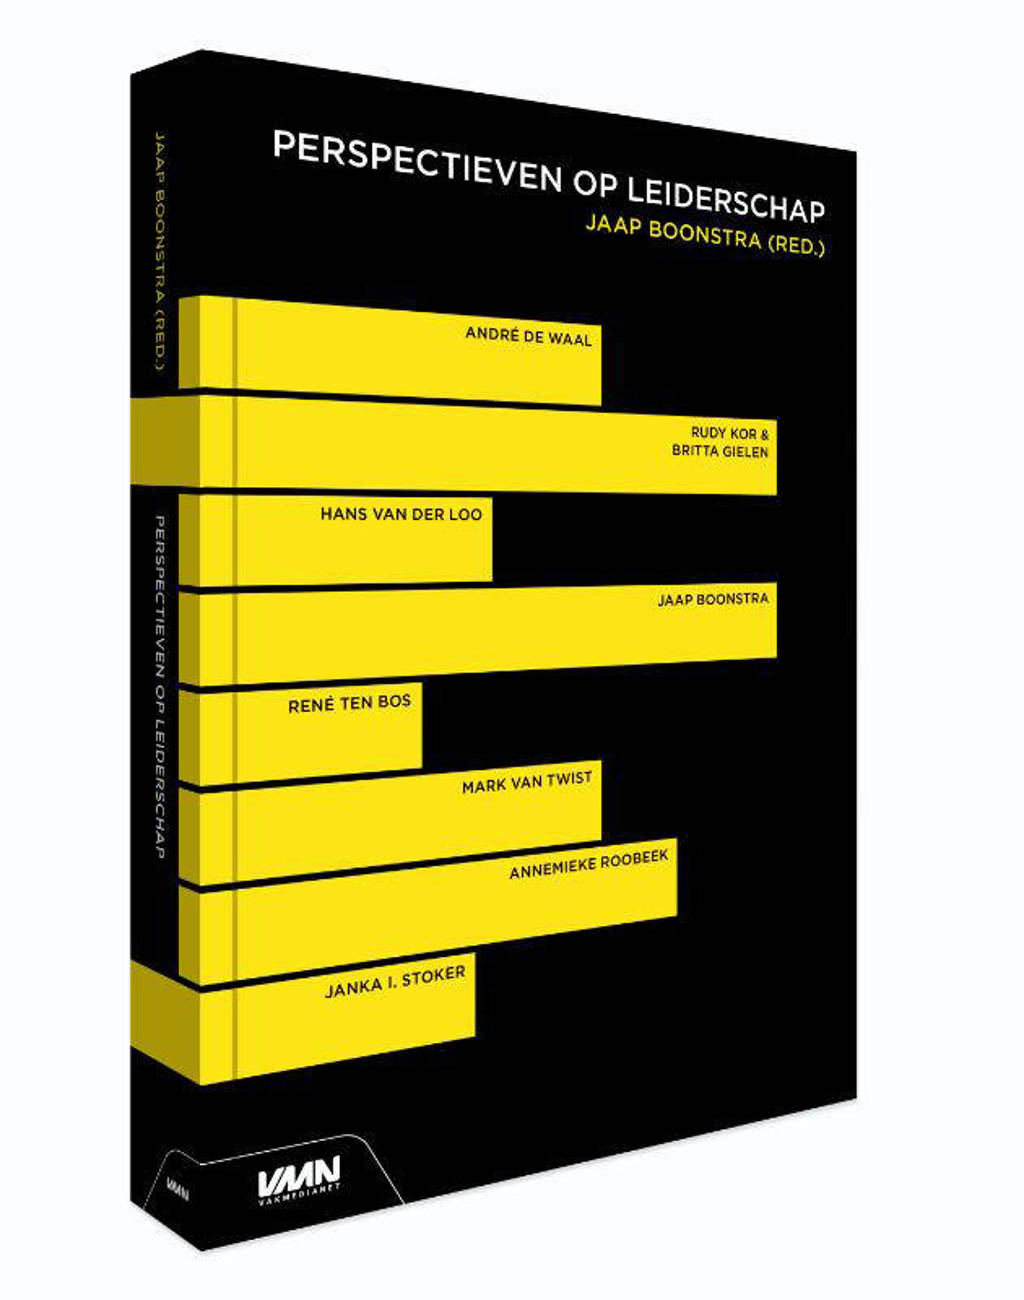 Perspectieven op leiderschap - André de Waal, Rudy Kor, Britta Gielen, e.a.